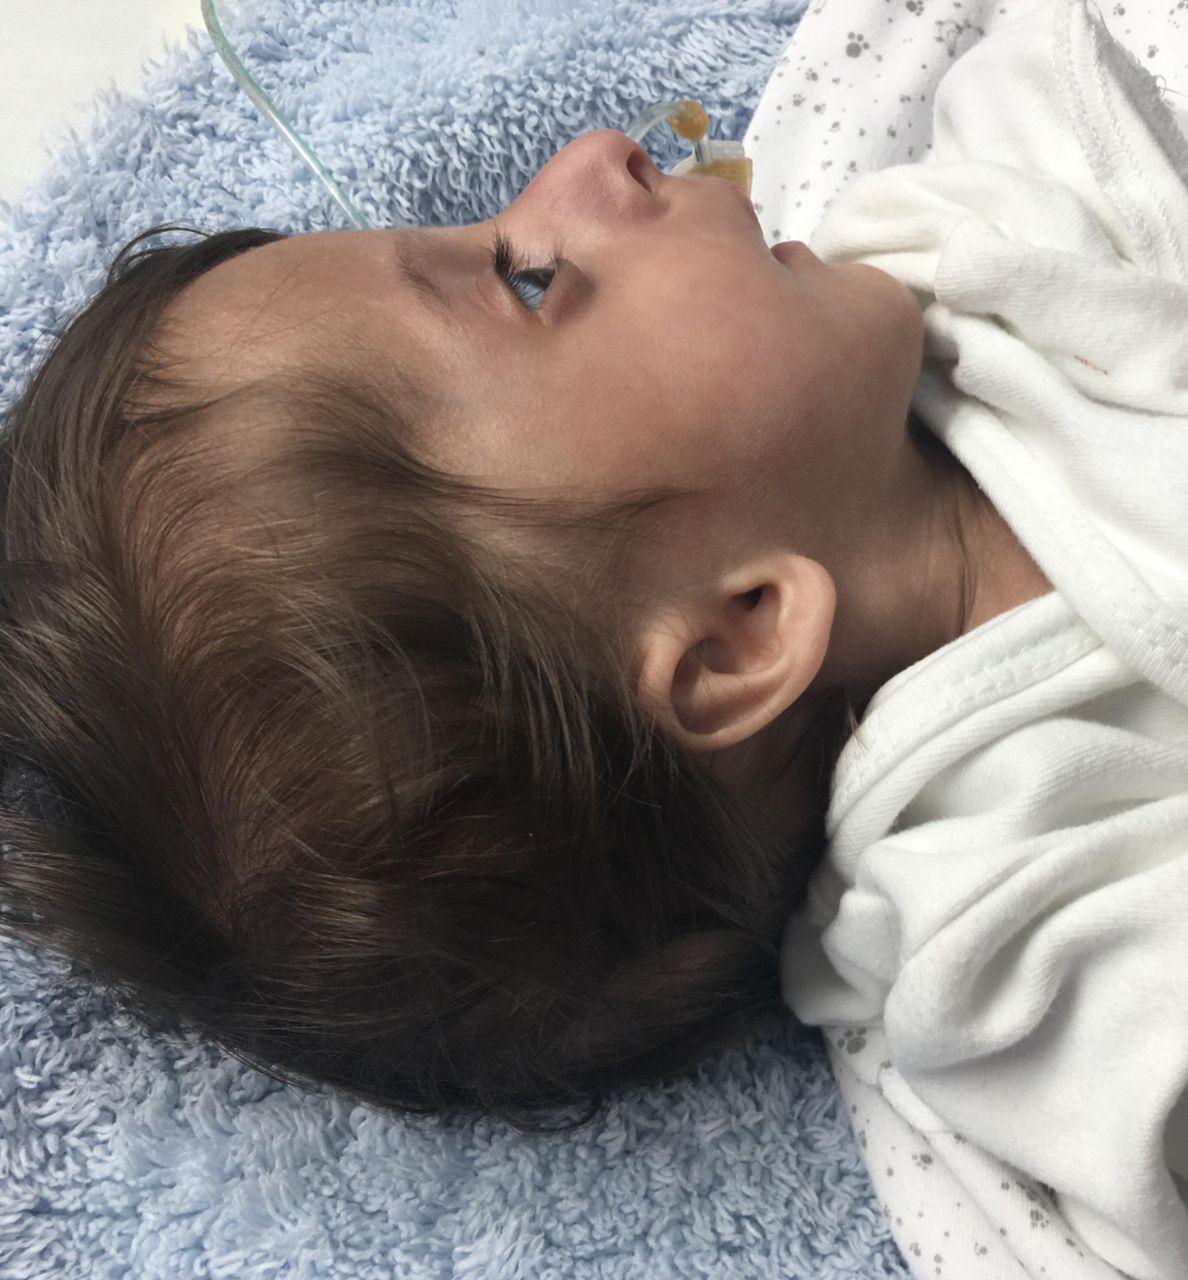 Majewski dwarfism type II: an atypical neuroradiological